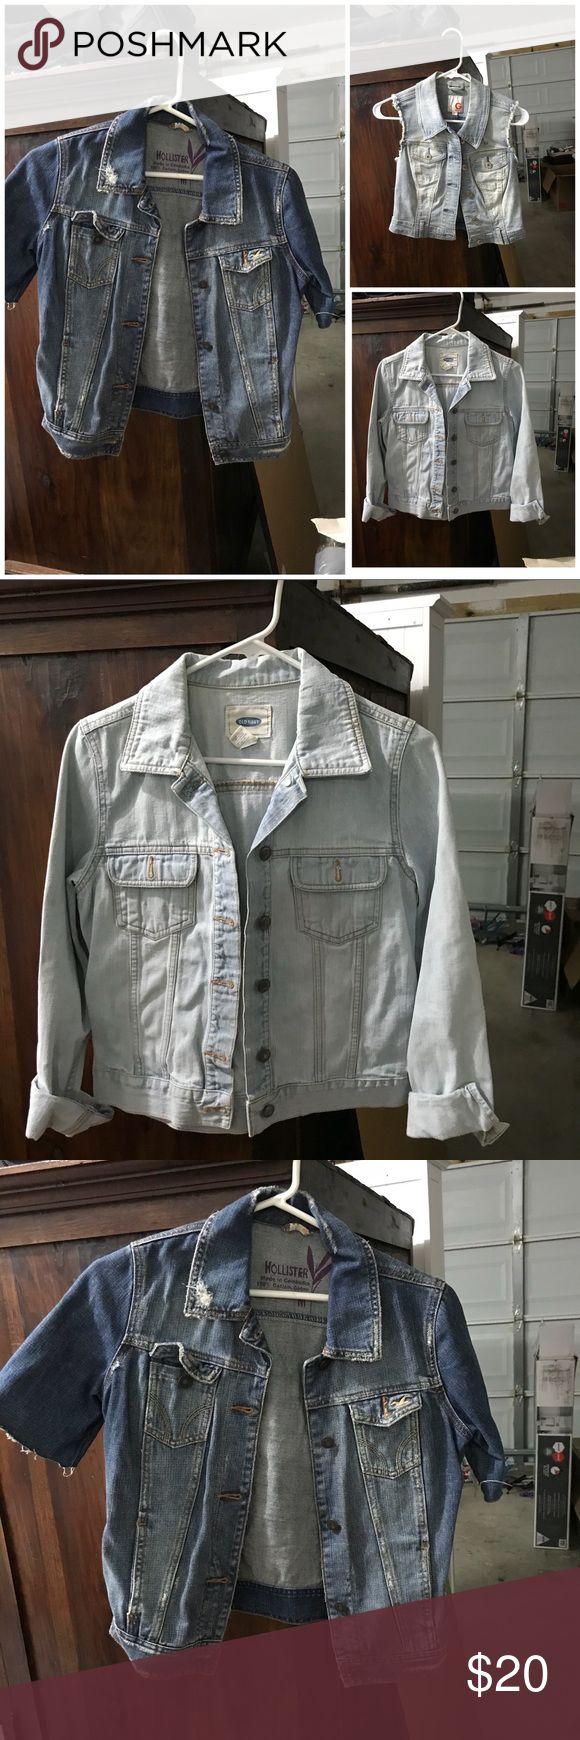 Denim jackets and vest Hollister short sleeve jean jacket (sm) old navy light wash jean jacket (m)  and bebe jean vest (sm) Jackets & Coats Jean Jackets